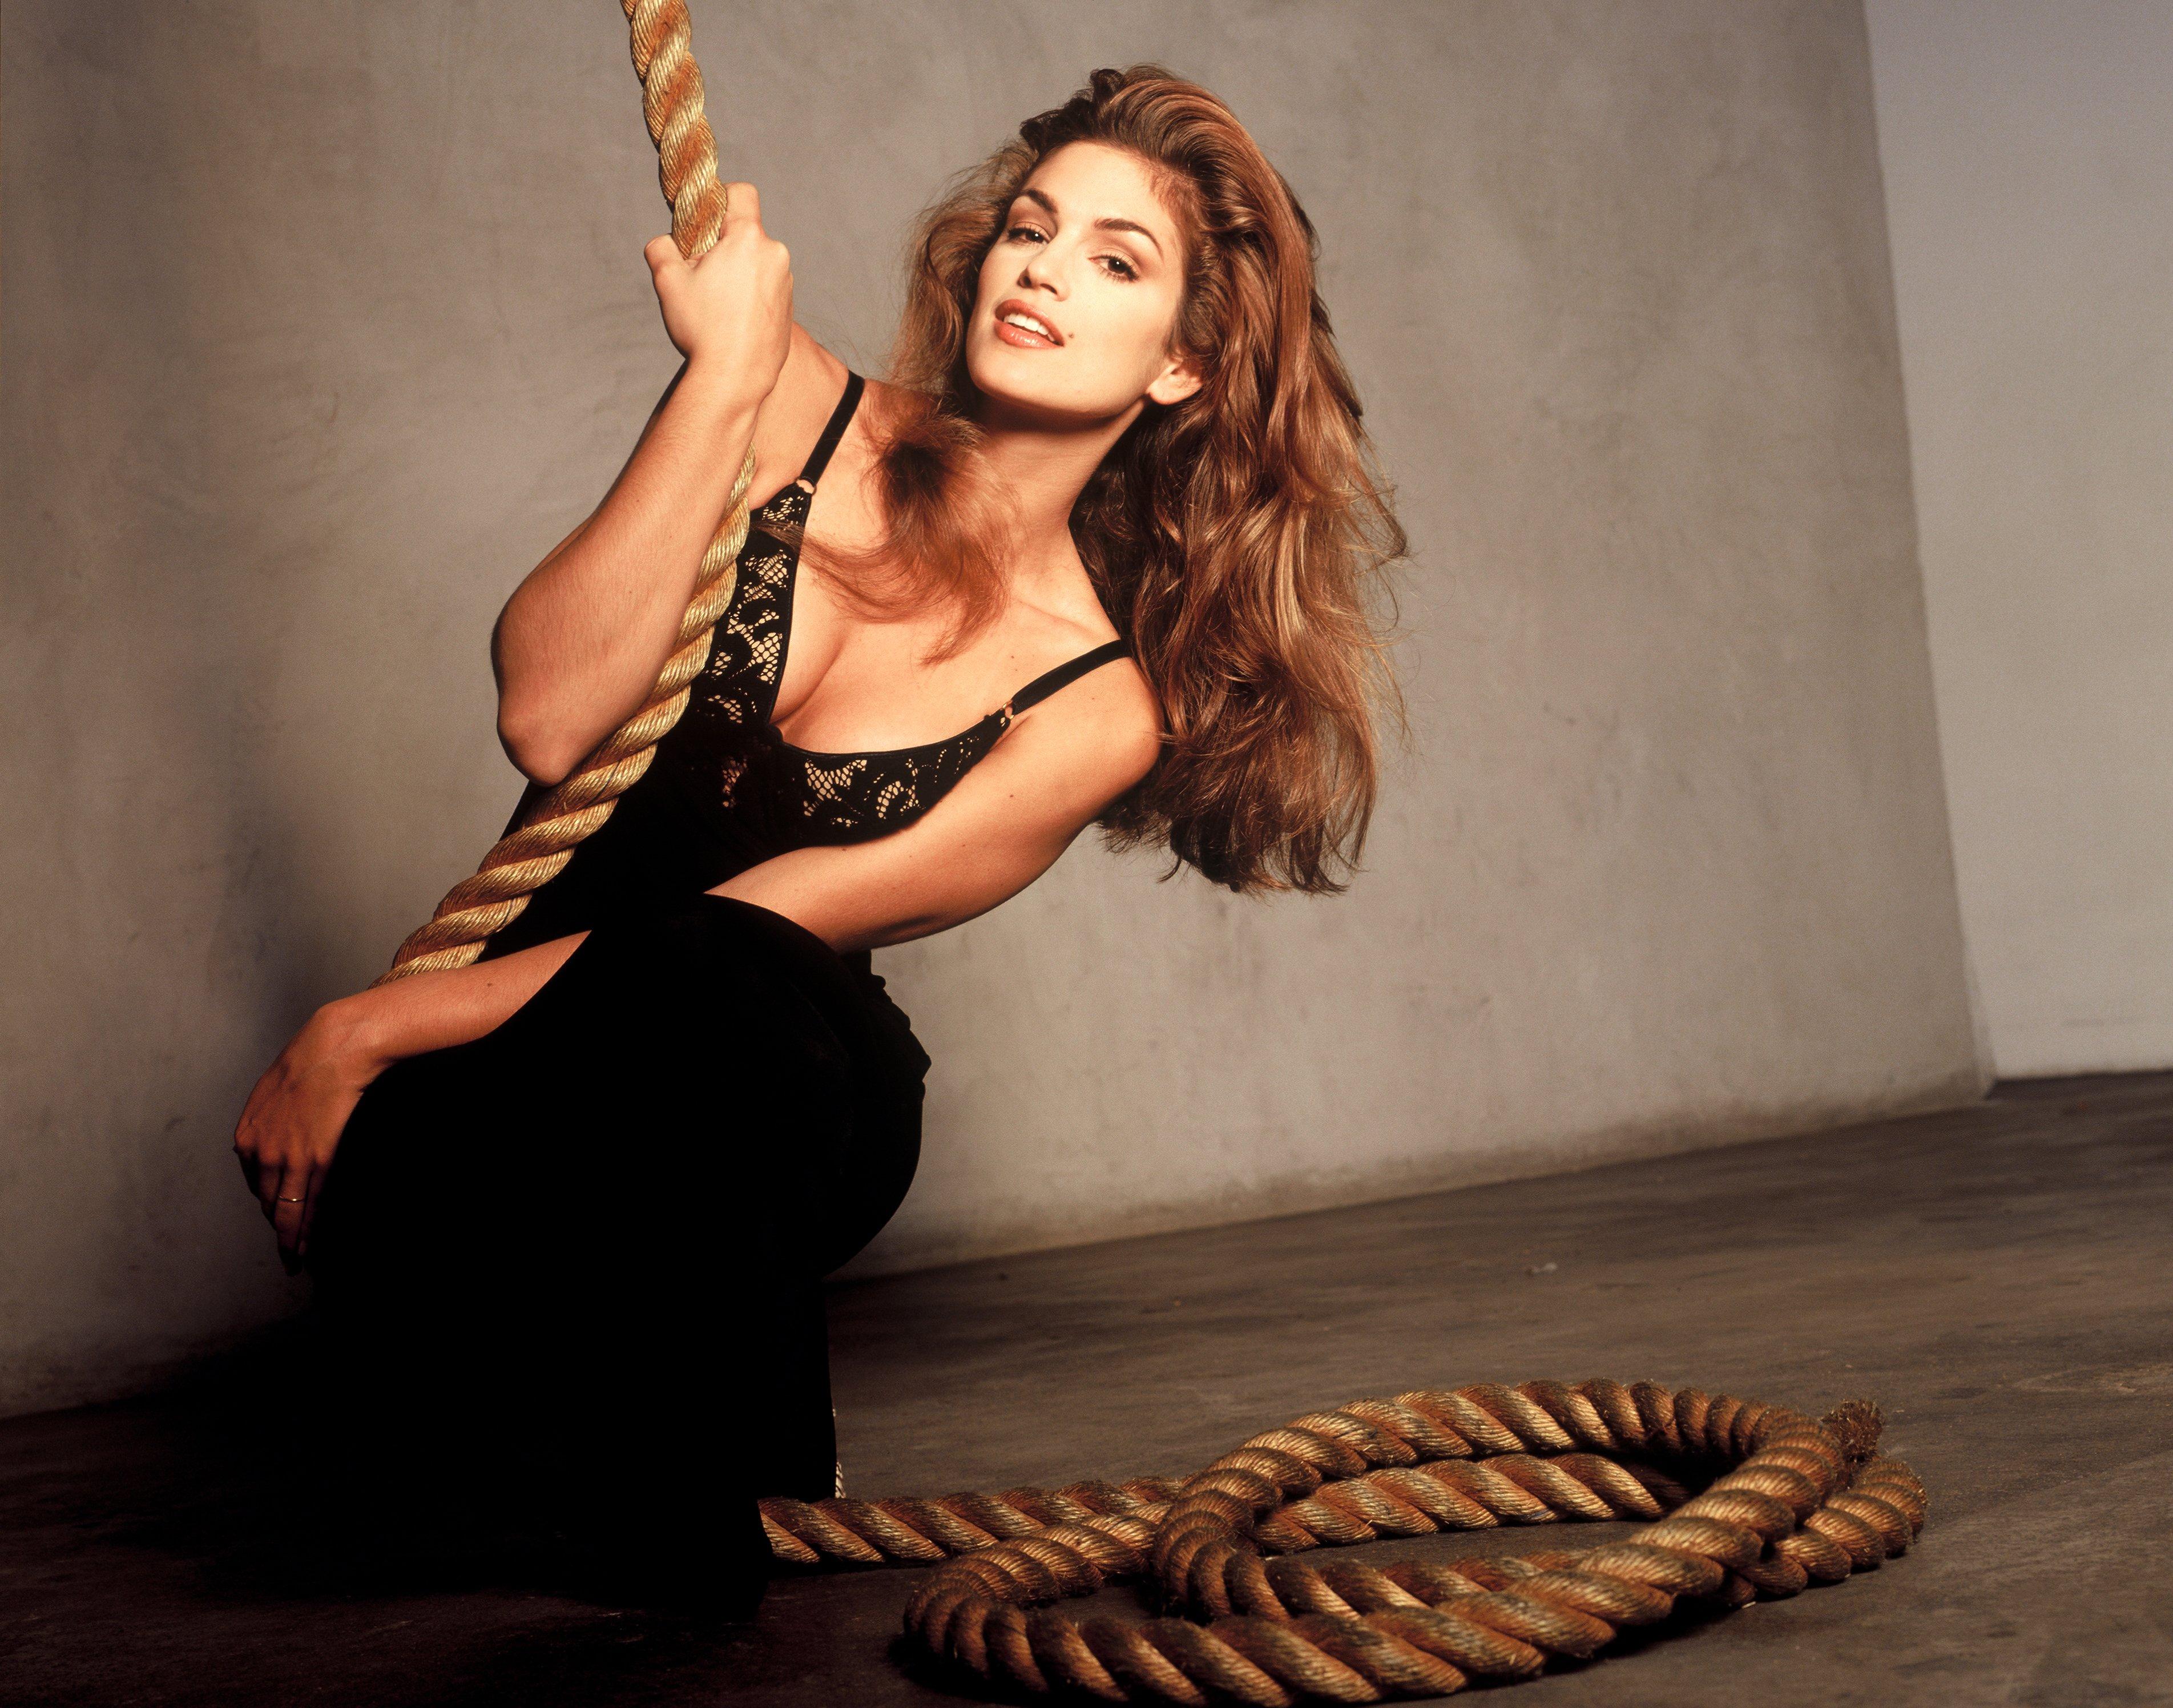 Супермодели на обложке Playboy пикантные фотосессии Синди